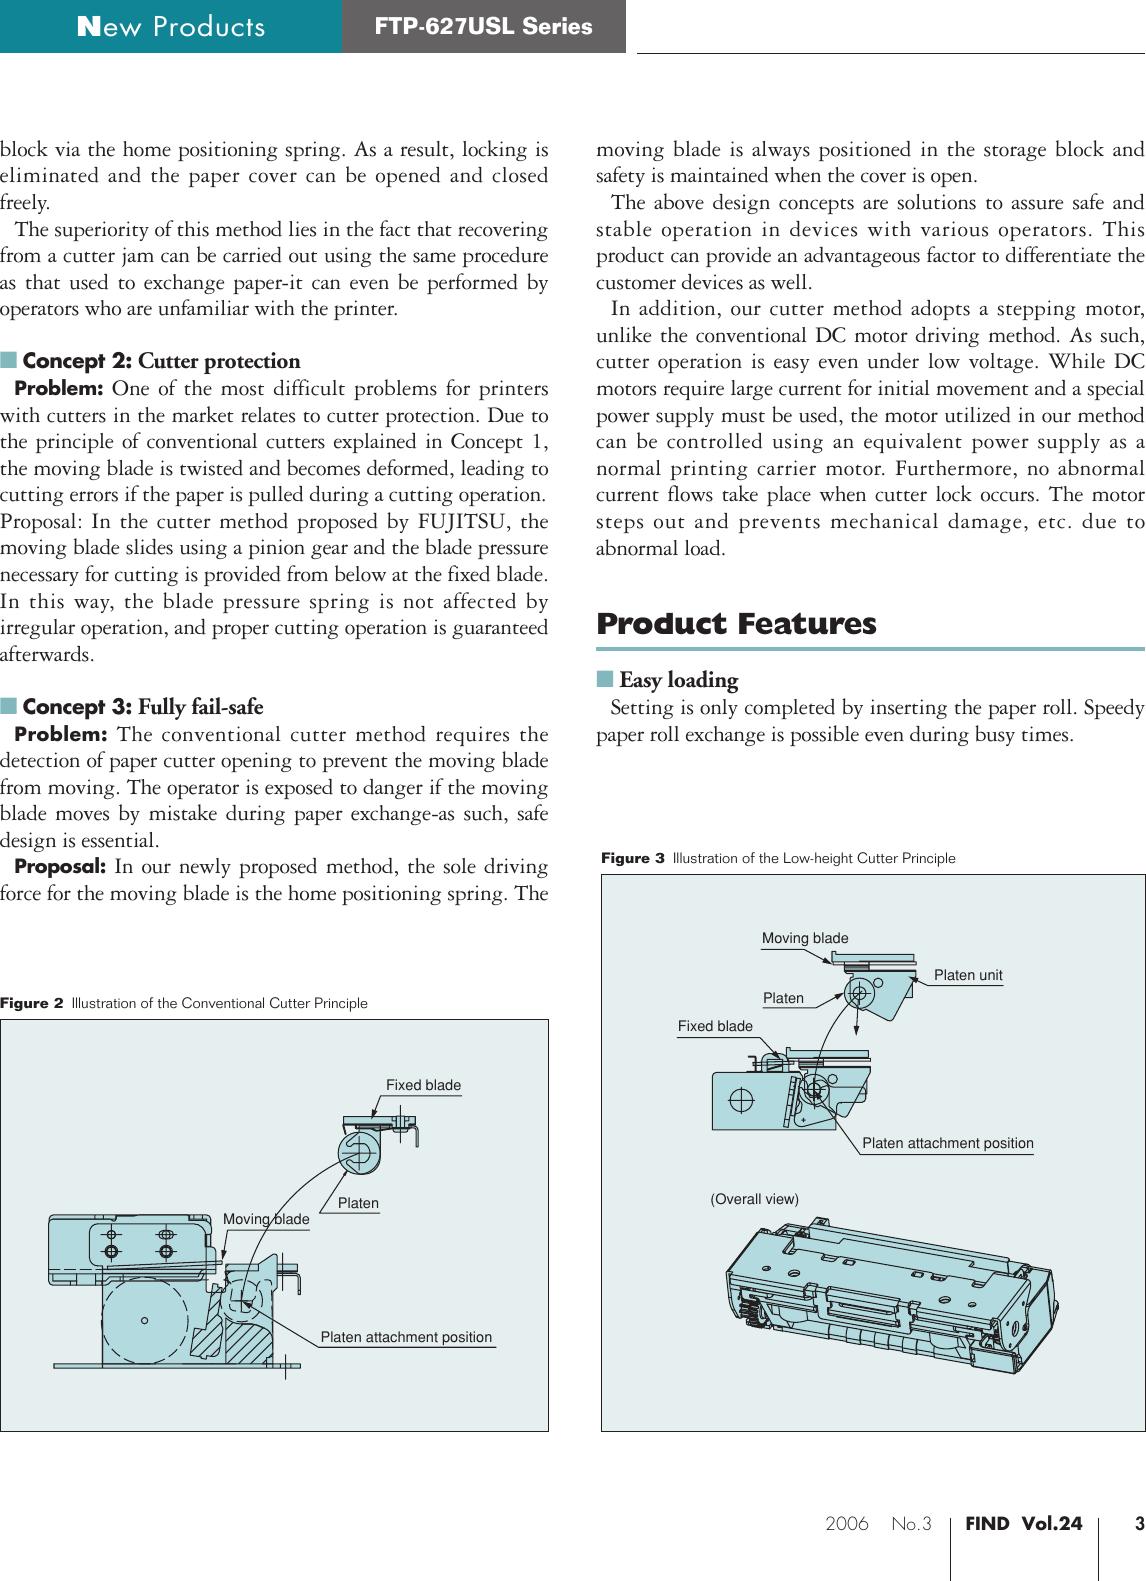 Fujitsu 5 13 MB89R118 Small Receipt Printer Unit Ftp 627usl Wp